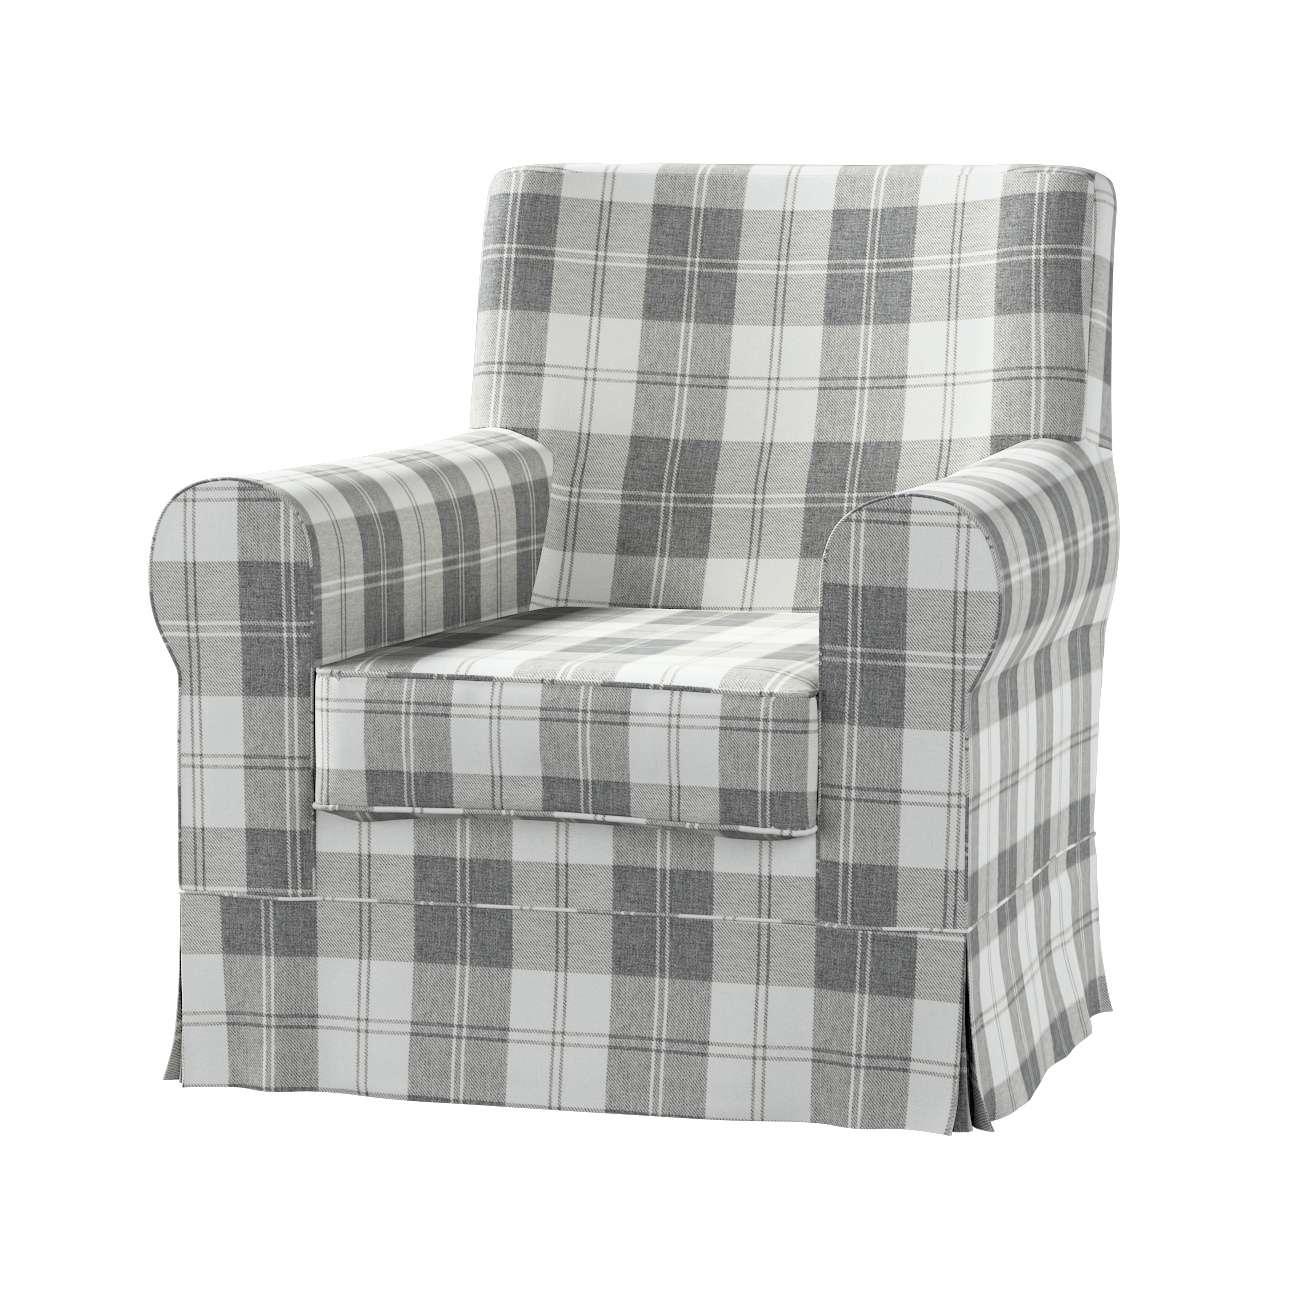 Pokrowiec na fotel Ektorp Jennylund Fotel Ektorp Jennylund w kolekcji Edinburgh, tkanina: 115-79